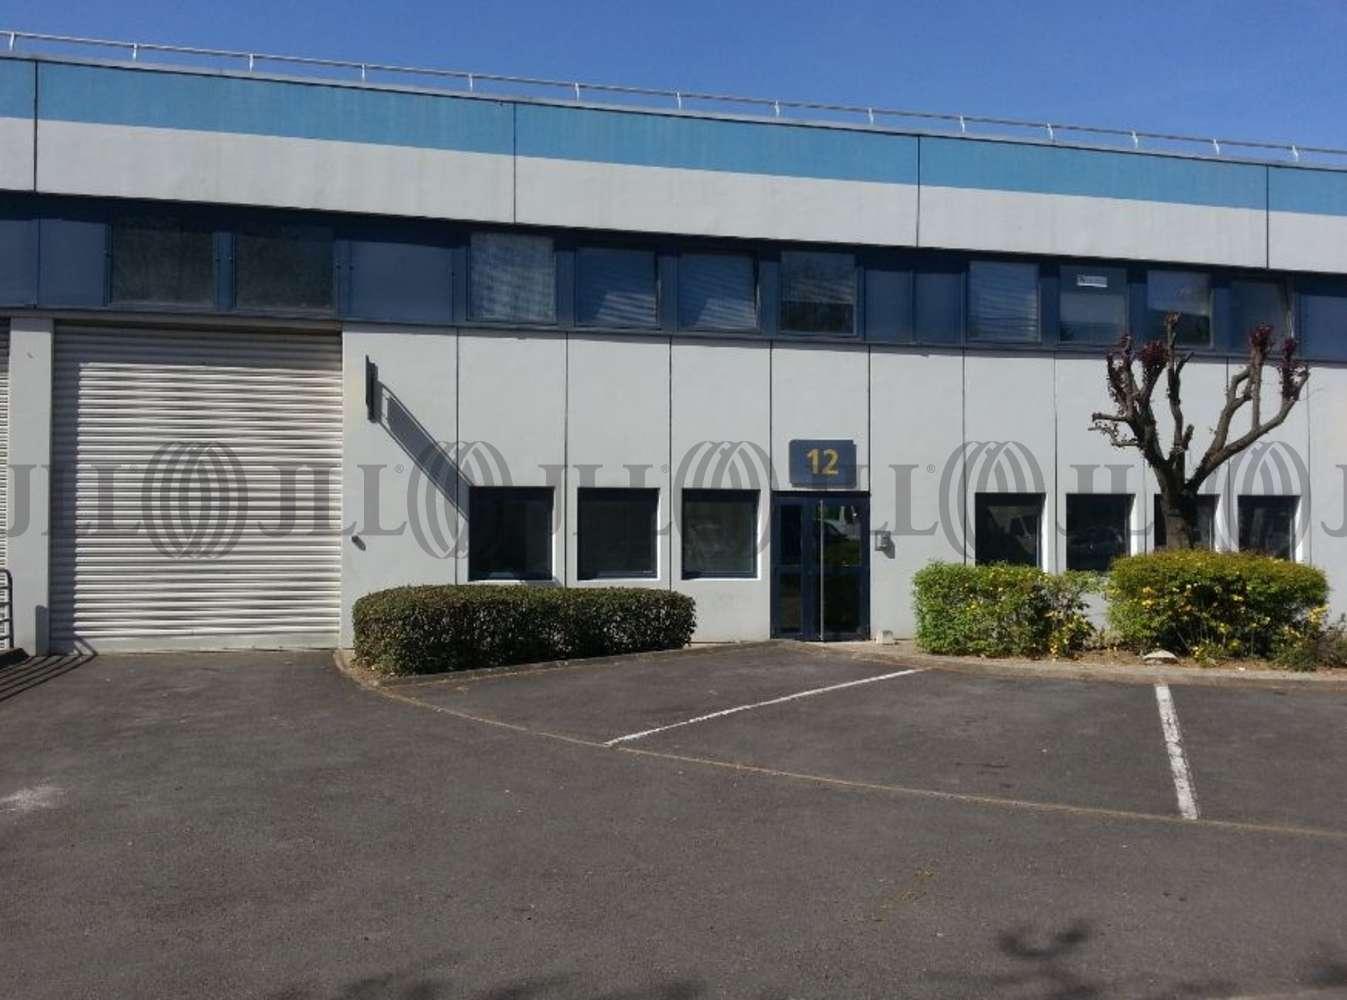 Activités/entrepôt Aulnay sous bois, 93600 - PARC DES MARDELLES - 9445087